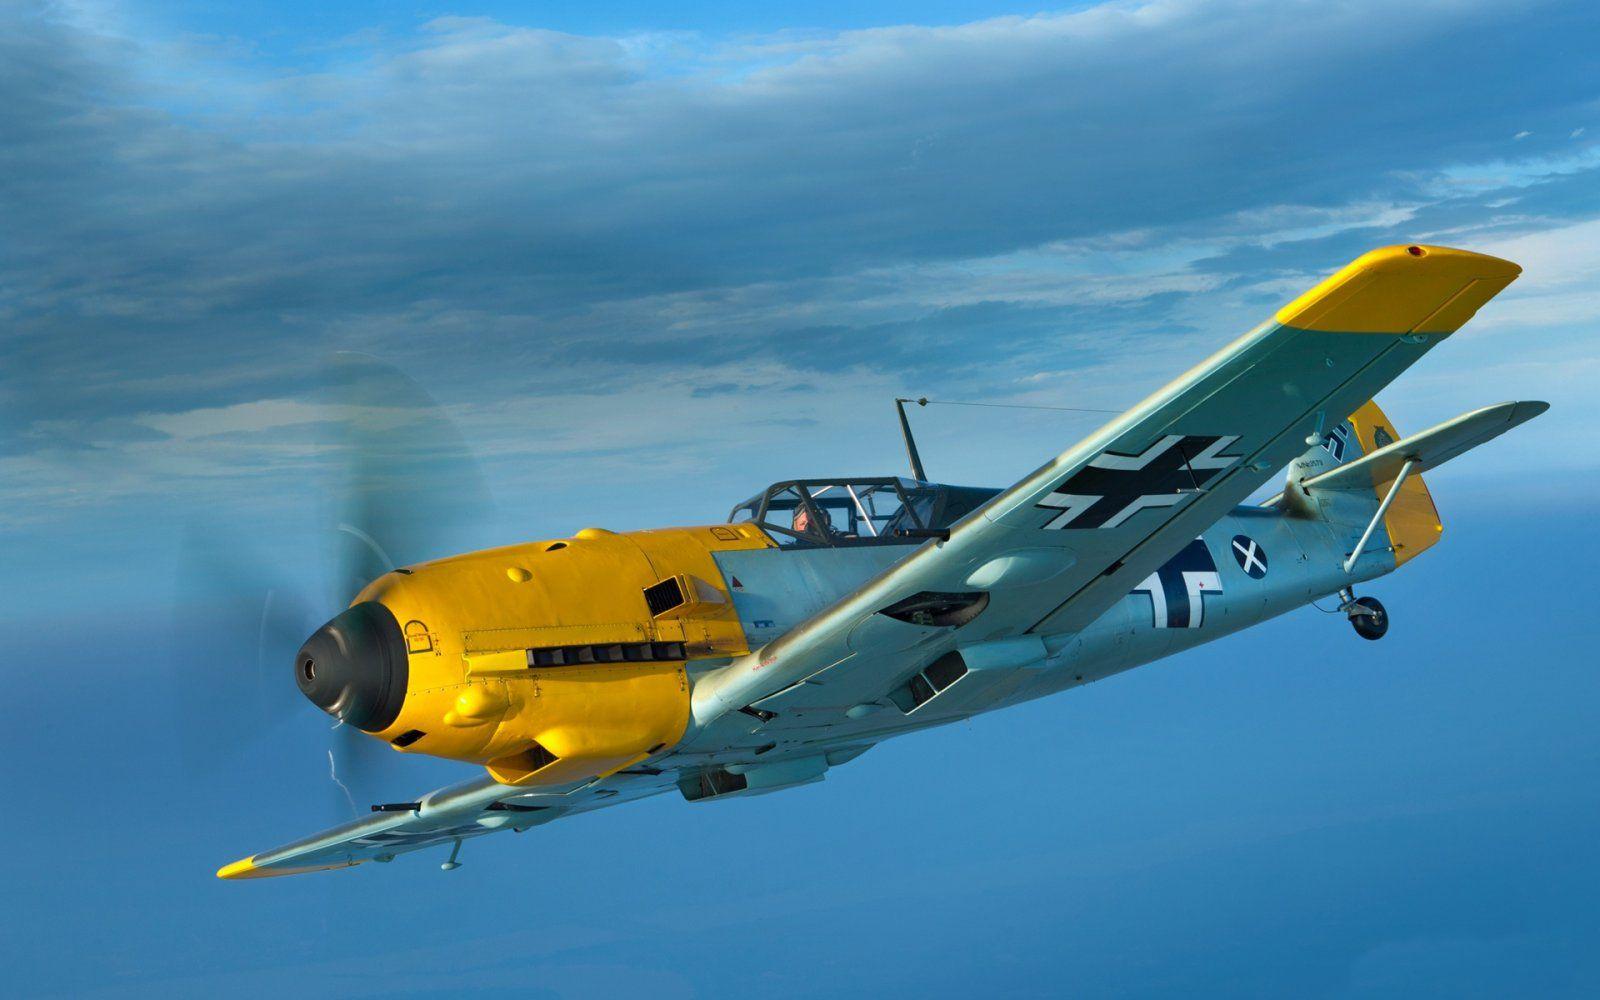 bf-109-messerschmitt-messerschmitt-bf-109e-me-109-luftwaffe.jpg